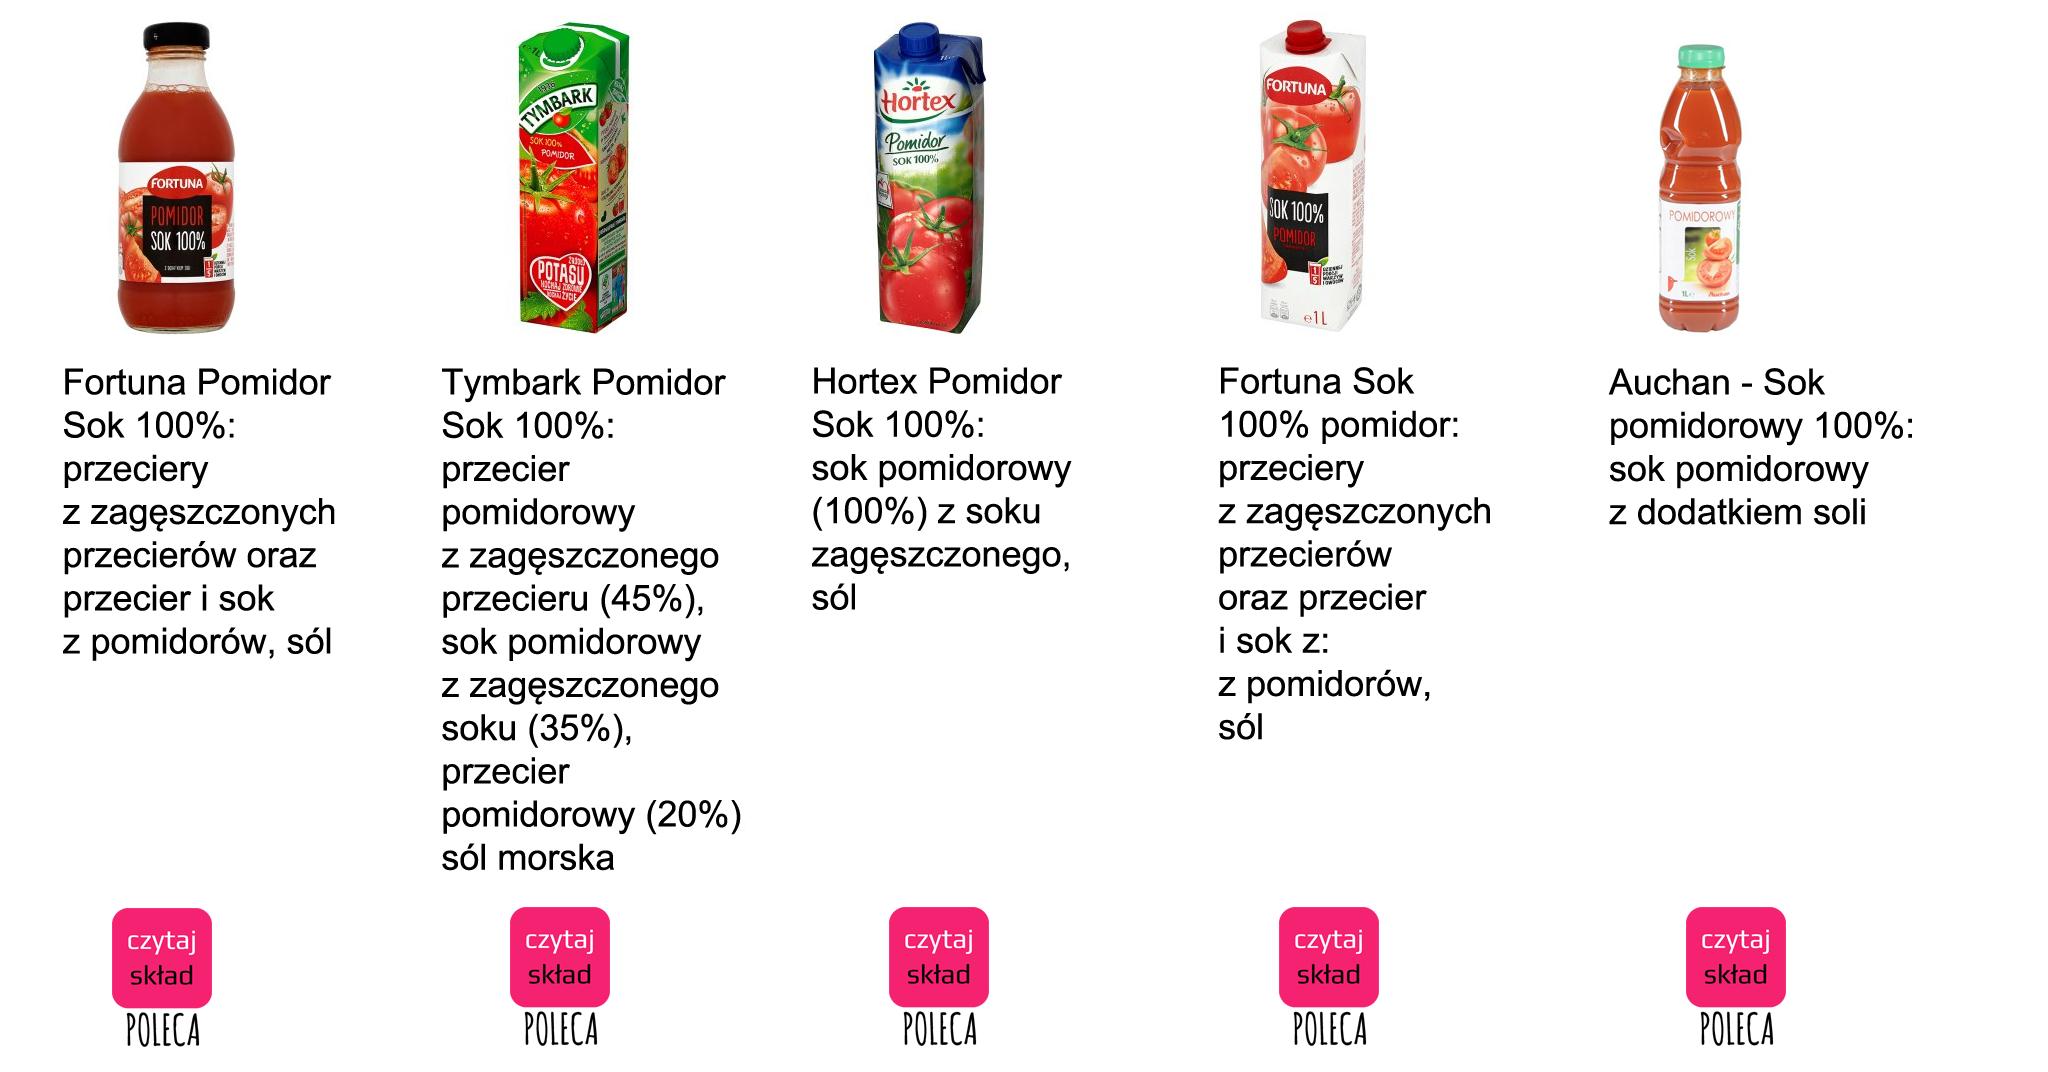 sok pomidorowy 2 pop